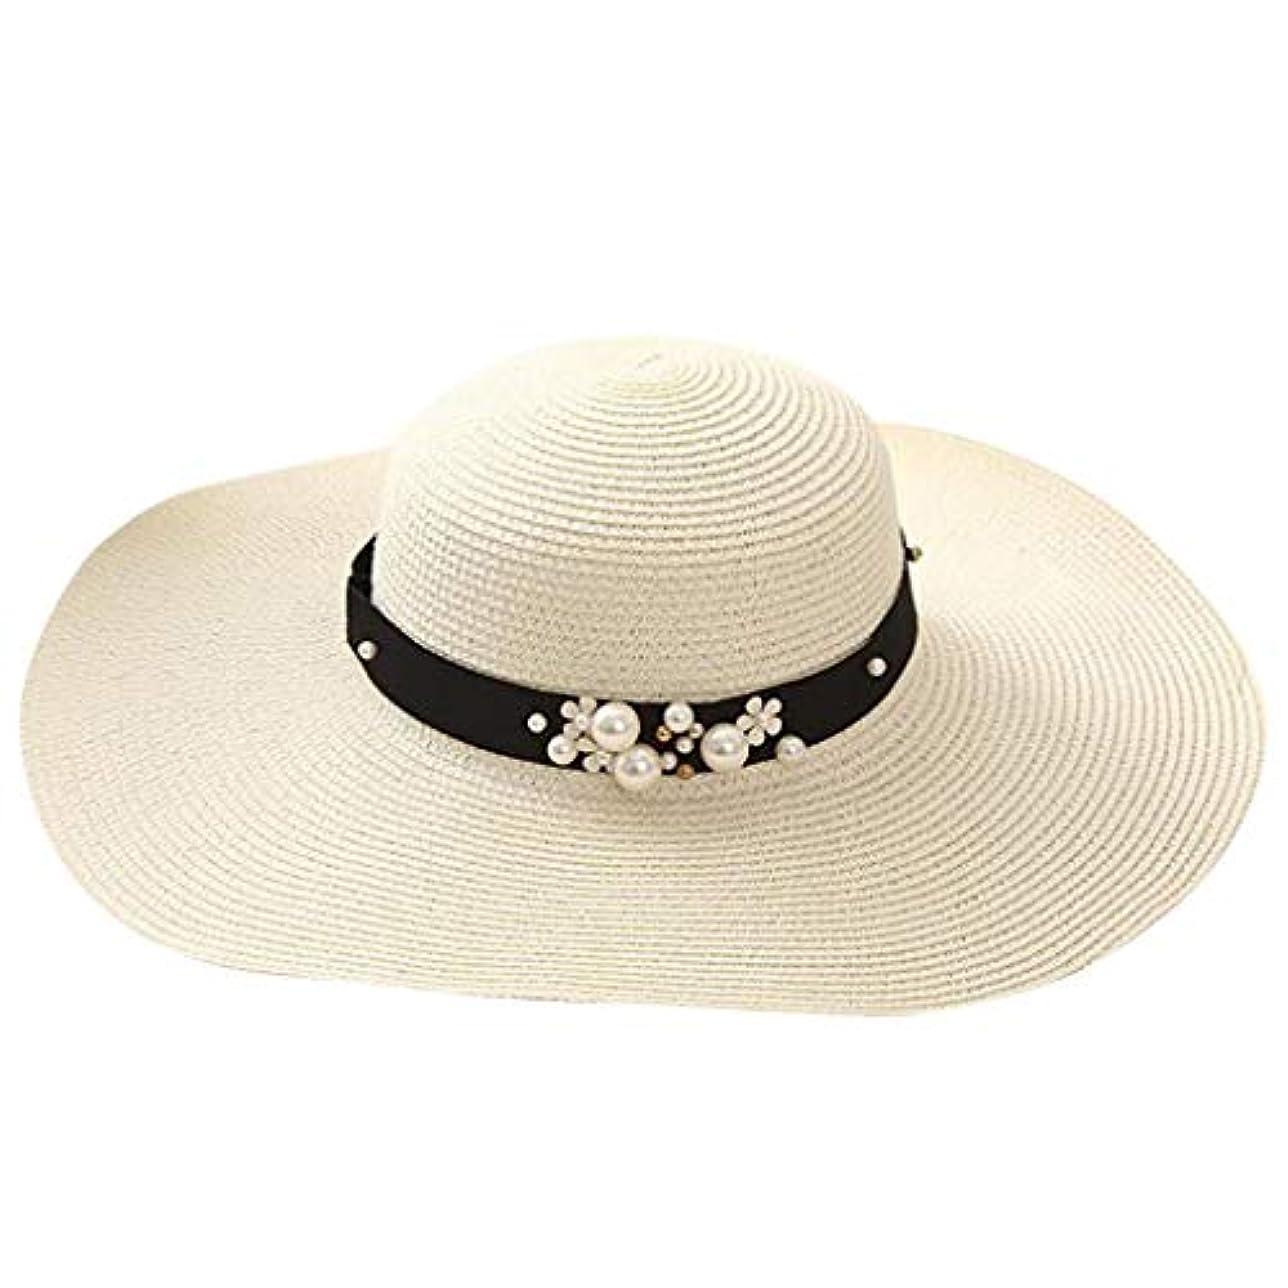 現れるモニカ騒ぎ漁師の帽子 ROSE ROMAN UVカット 帽子 帽子 レディース 麦わら帽子 UV帽子 紫外線対策 通気性 取り外すあご紐 サイズ調節可 つば広 おしゃれ 可愛い ハット 旅行用 日よけ 夏季 女優帽 小顔効果抜群